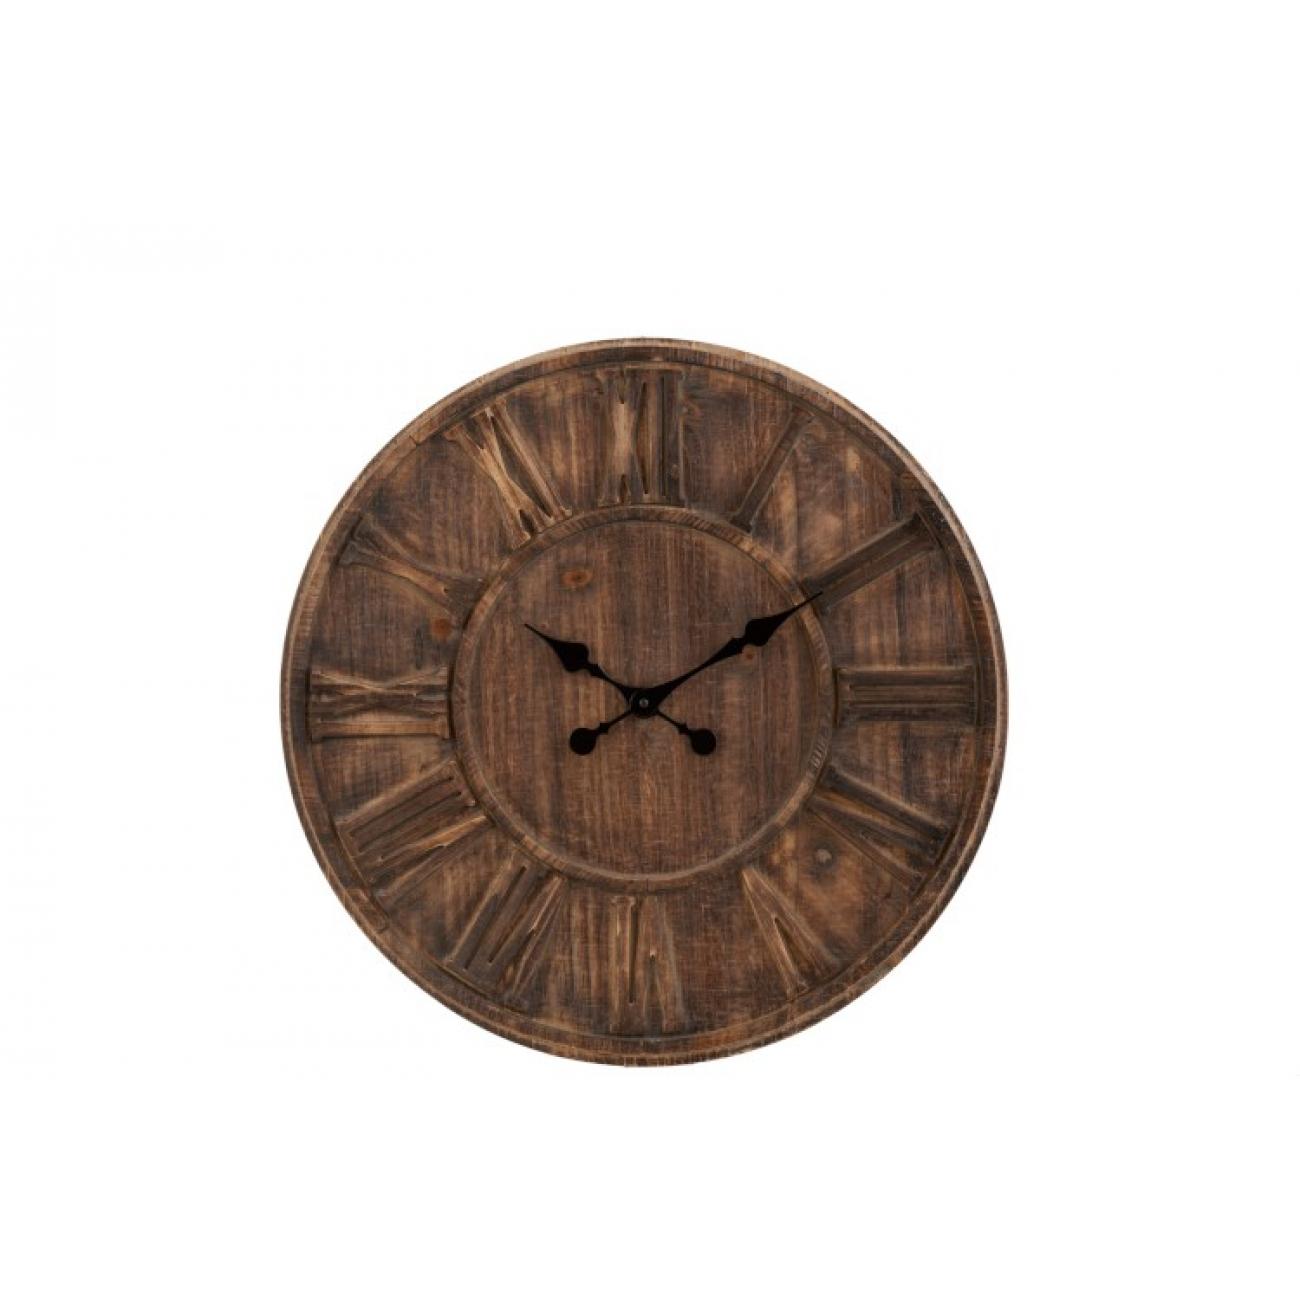 Настенные часы J-LINE круглые в деревянном корпусе диаметр 60 см